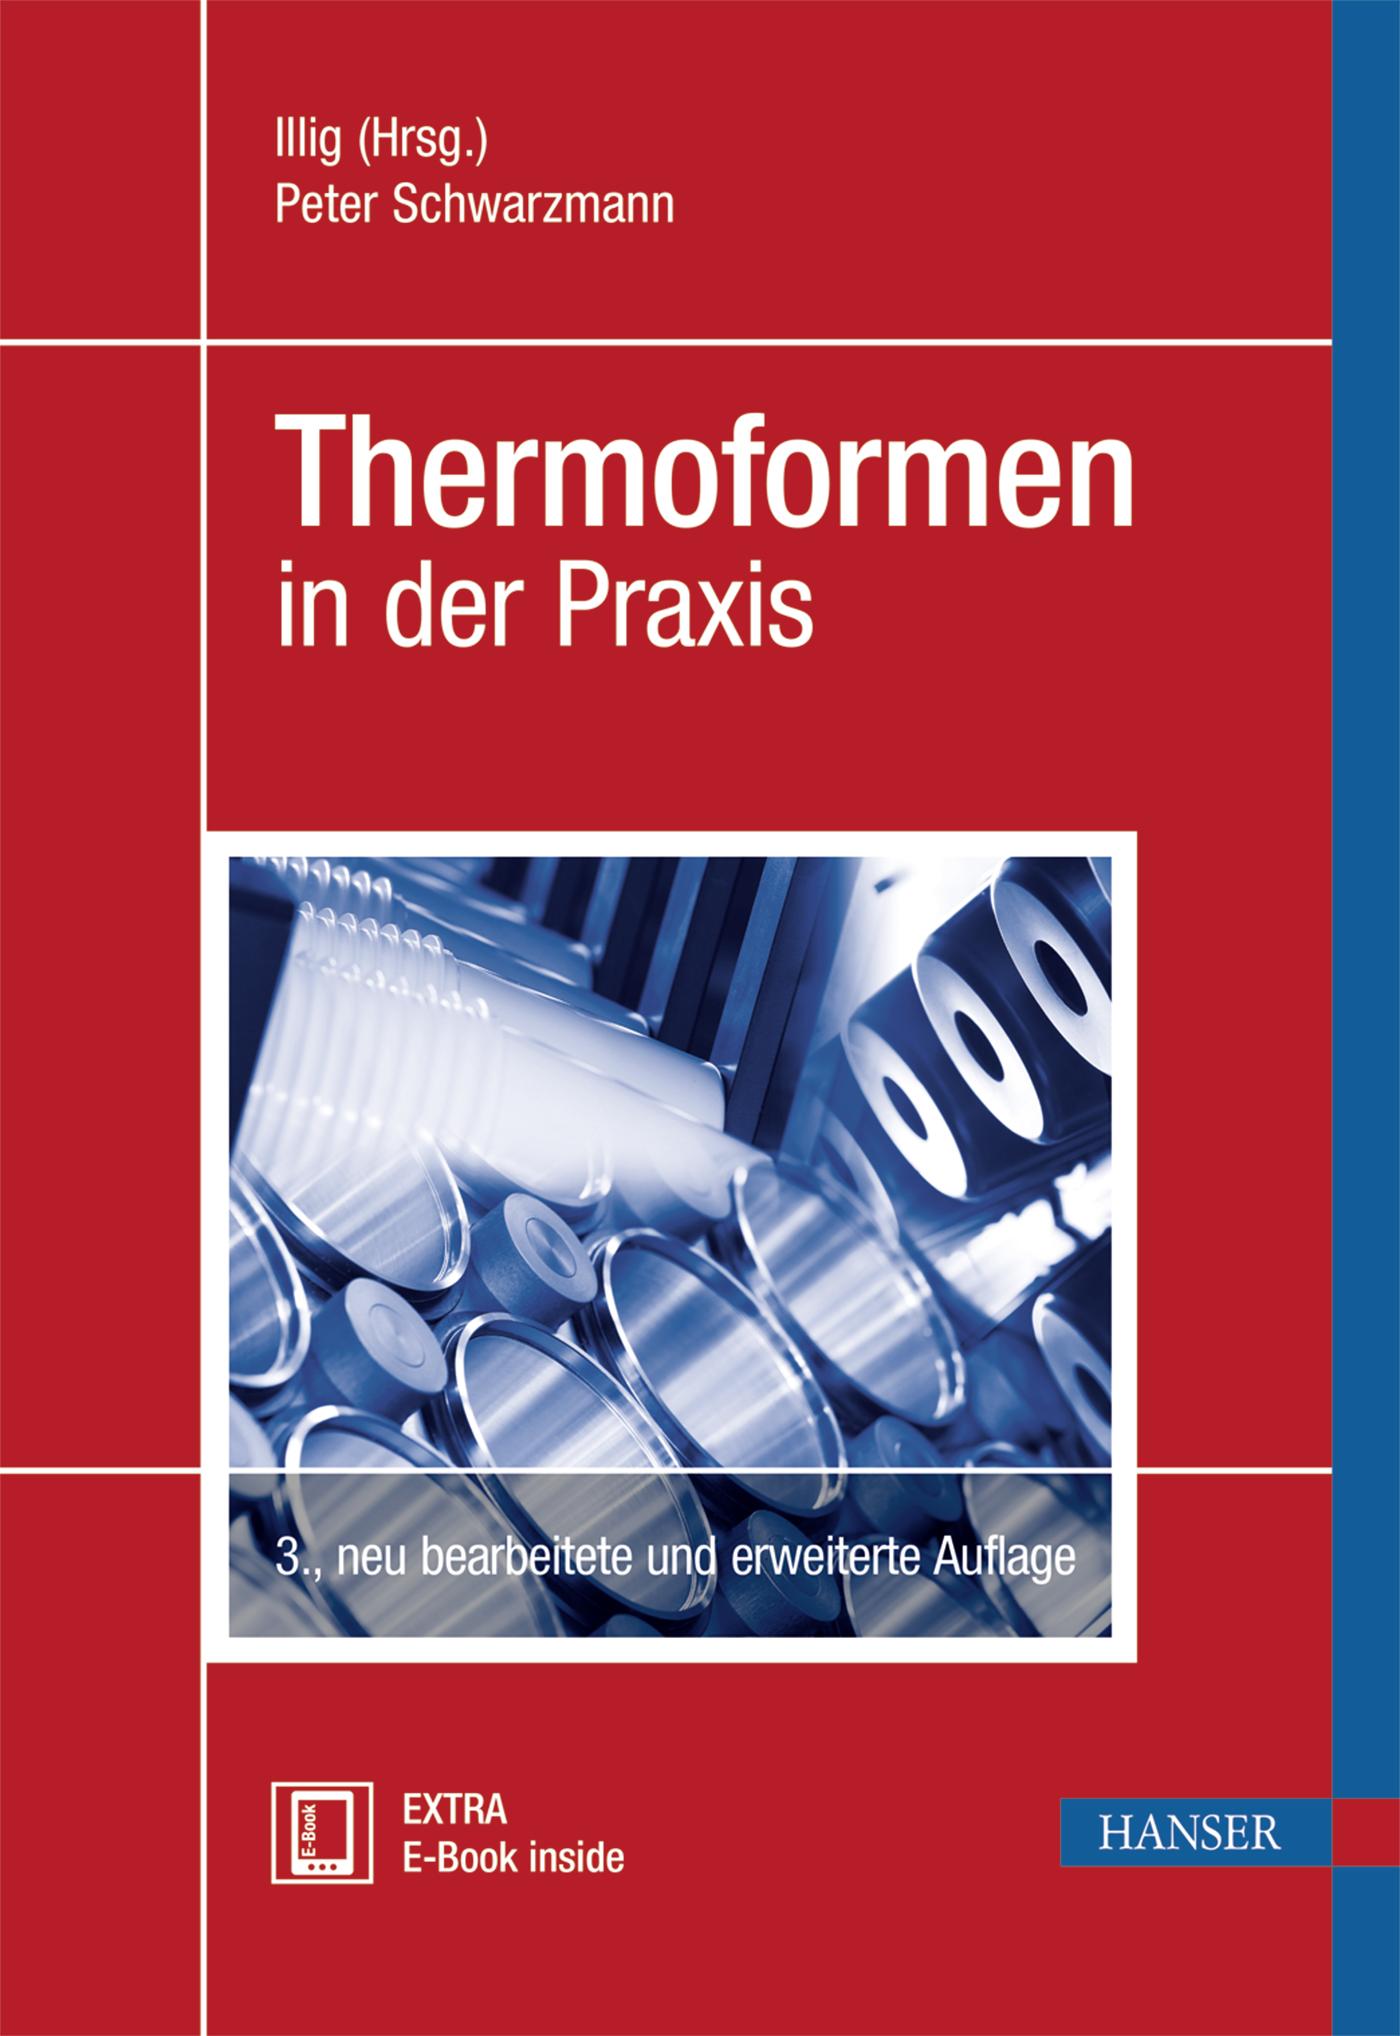 Schwarzmann, Thermoformen in der Praxis, 978-3-446-44403-4